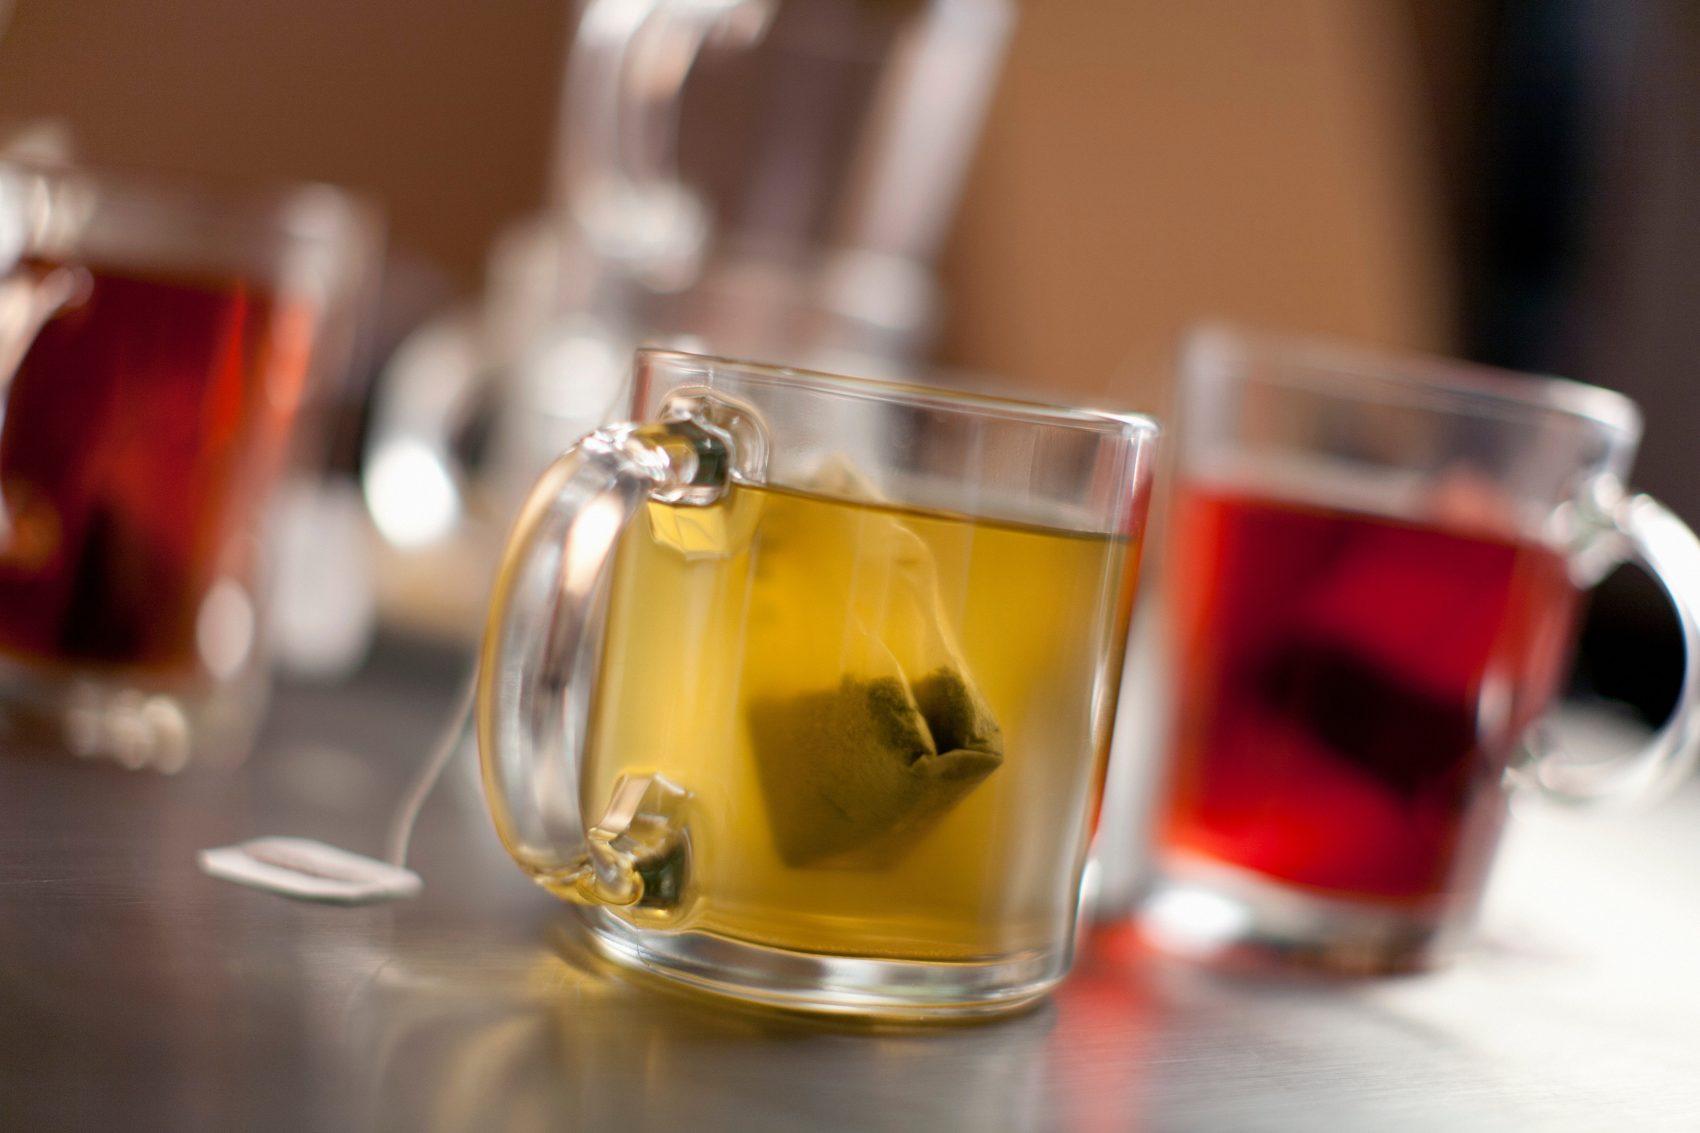 Saquinhos nas xícaras de chá: estudo de universidade do Canadá aponta que cada xícara pode ter mais de 11 bilhões de partículas de plástico (Foto: Chad Springer/Image Source/AFP)